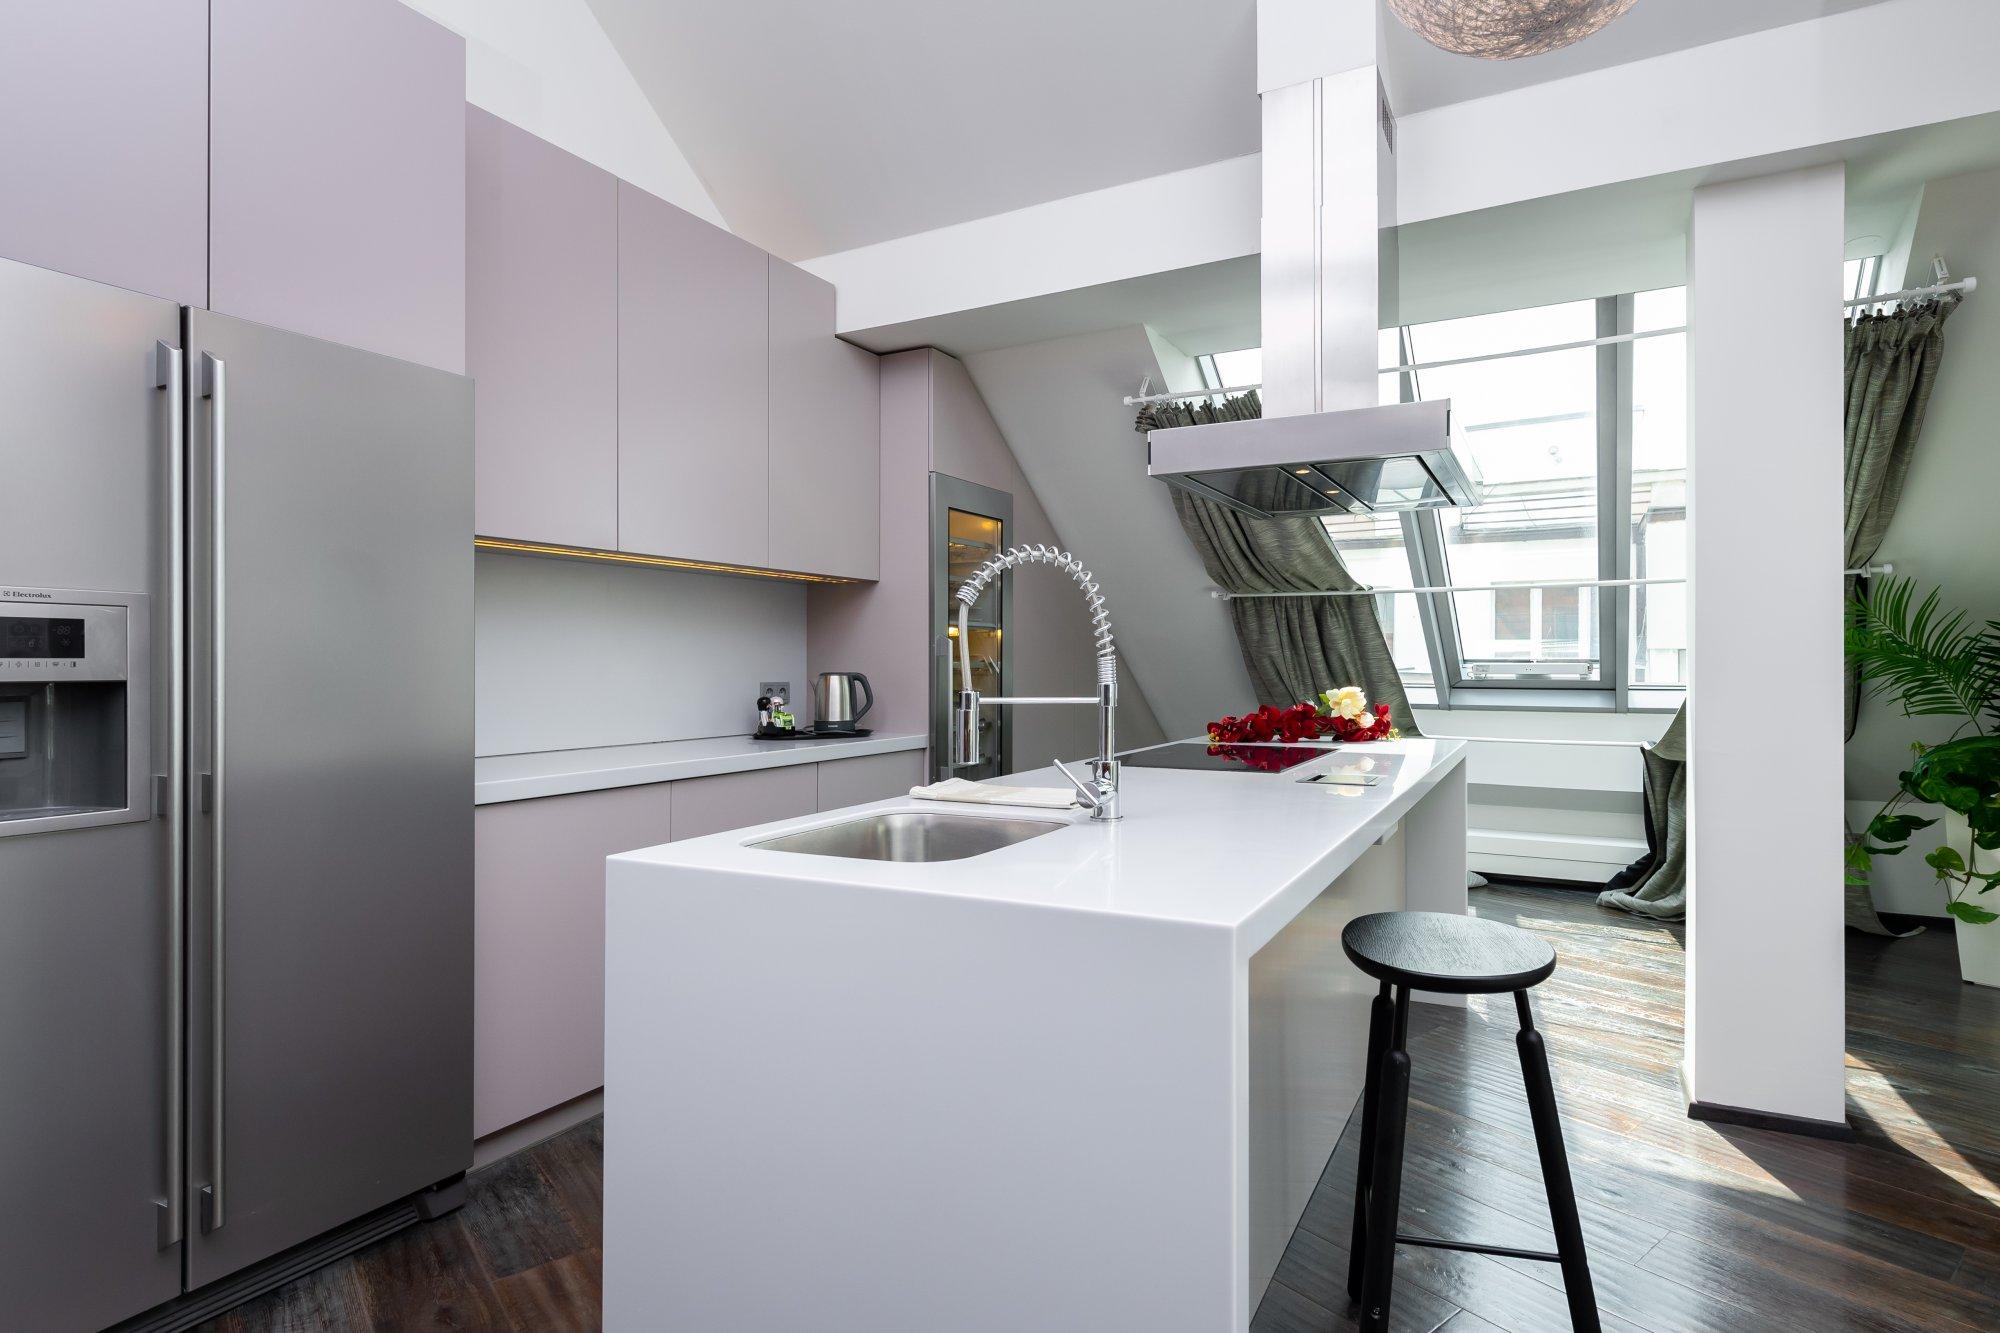 Půdní byt 4+kk, plocha 171 m², ulice Navrátilova, Praha 1 - Nové Město | 3